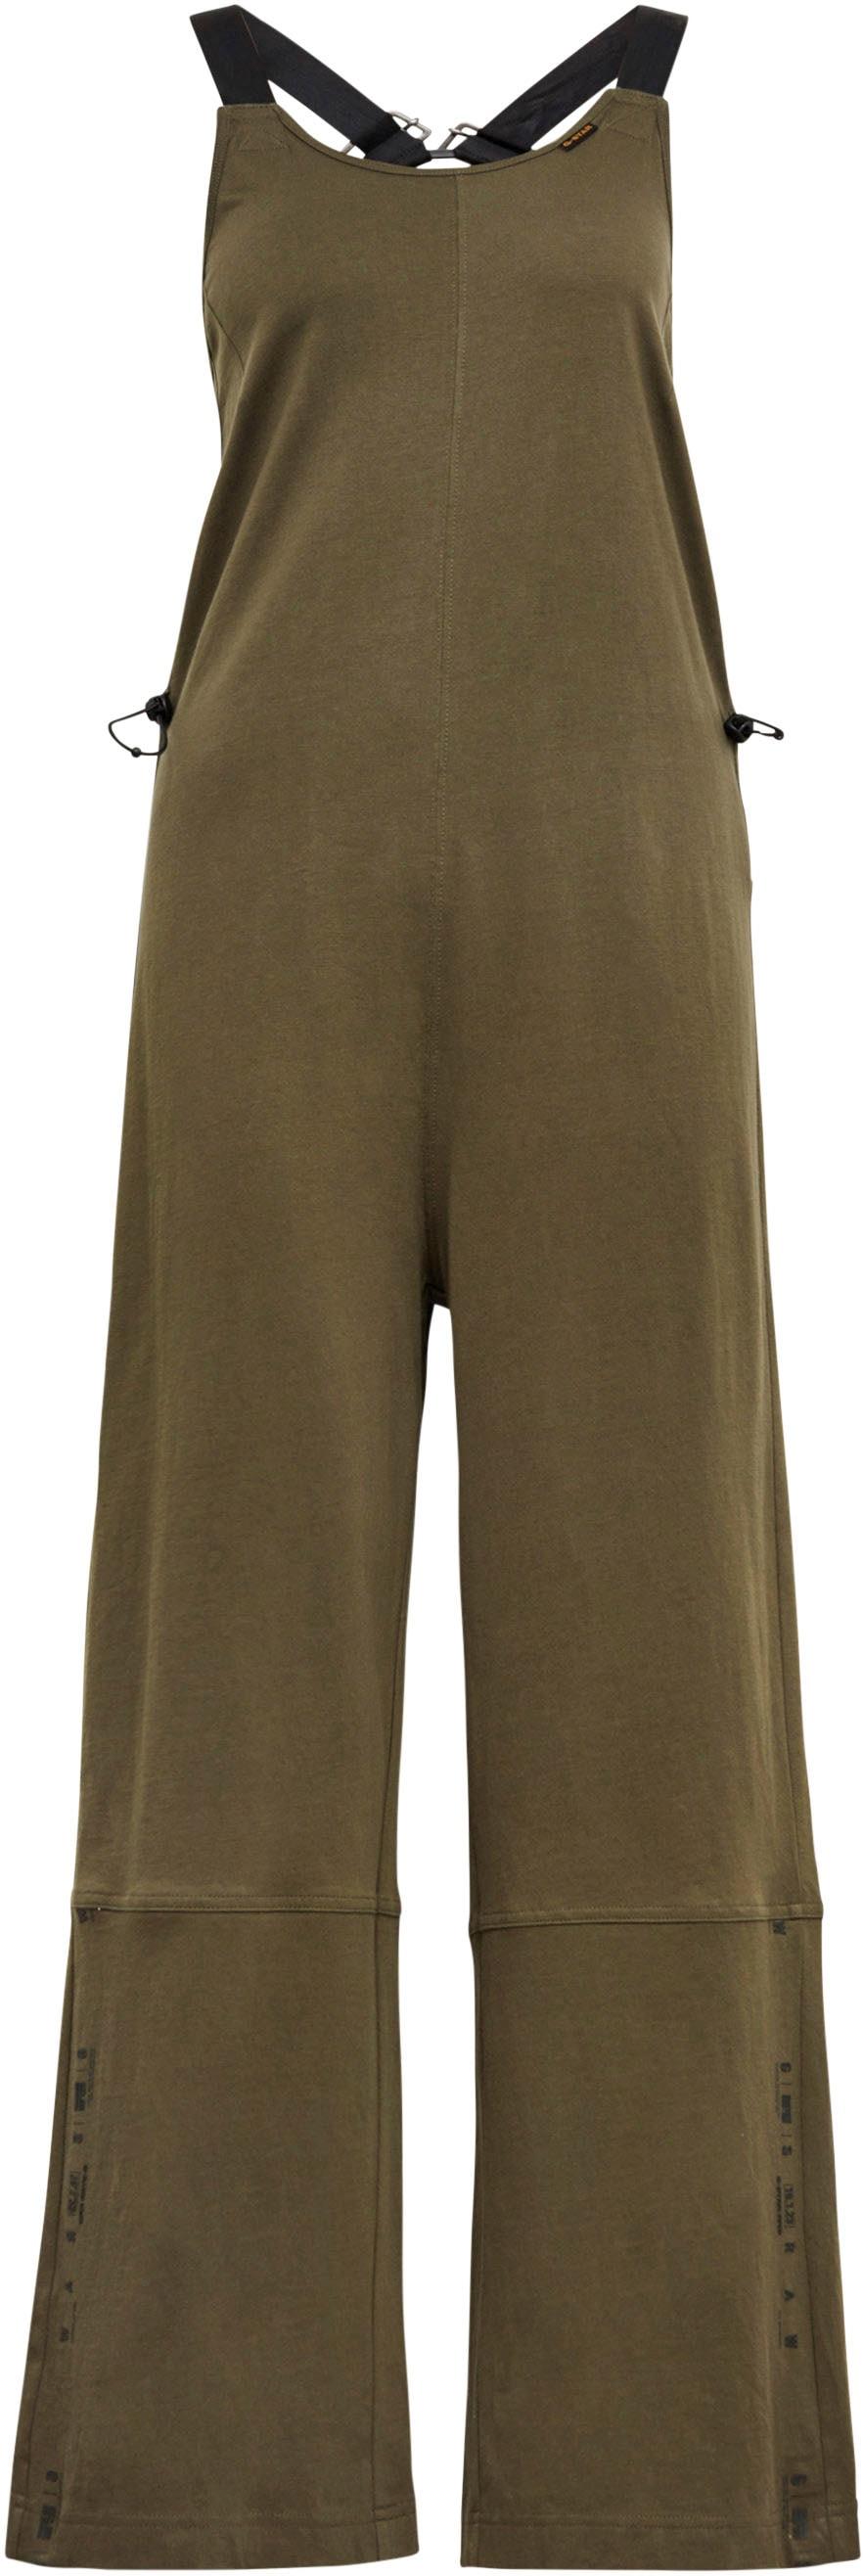 g-star raw -  Jumpsuit Dungaree Jumpsuit, in der Taille elastische Kordel mit Stoppern